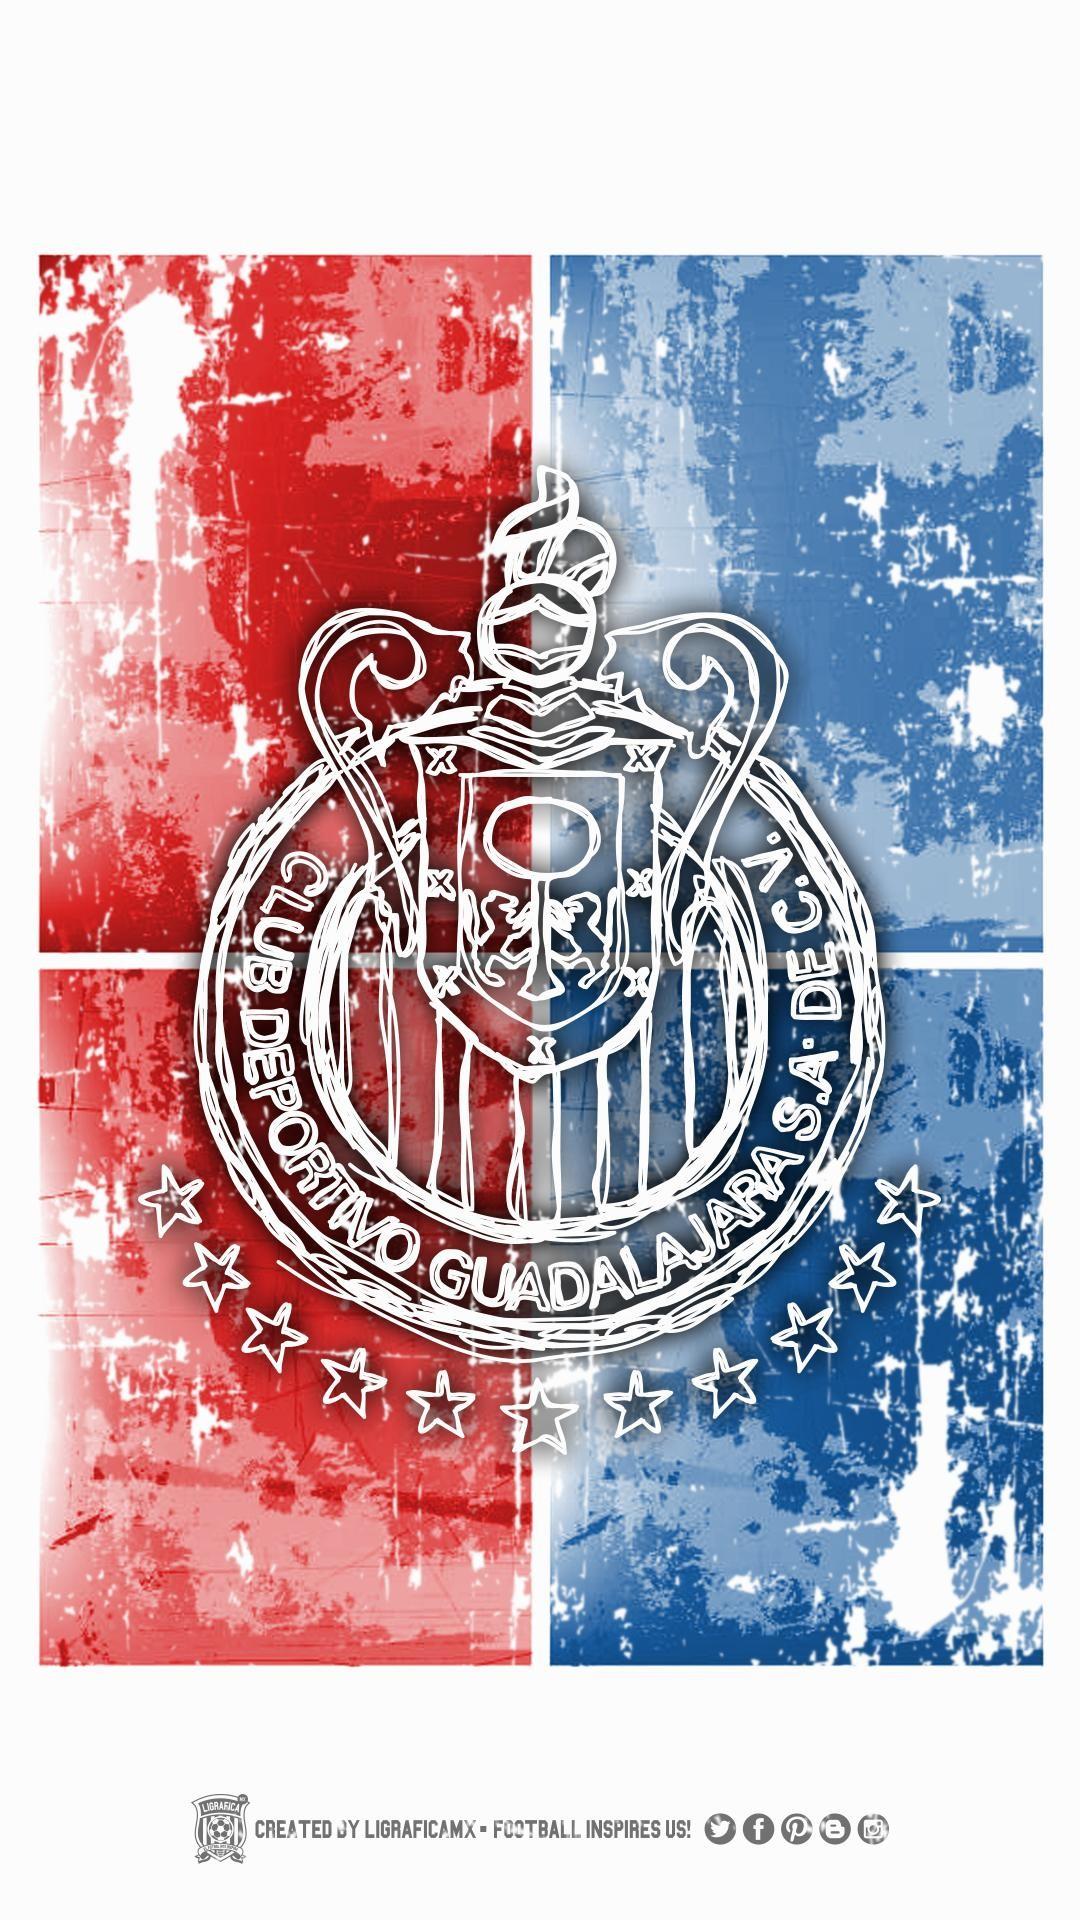 Chivas-LigraficaMX-%C2%B7131114CTG-wallpaper